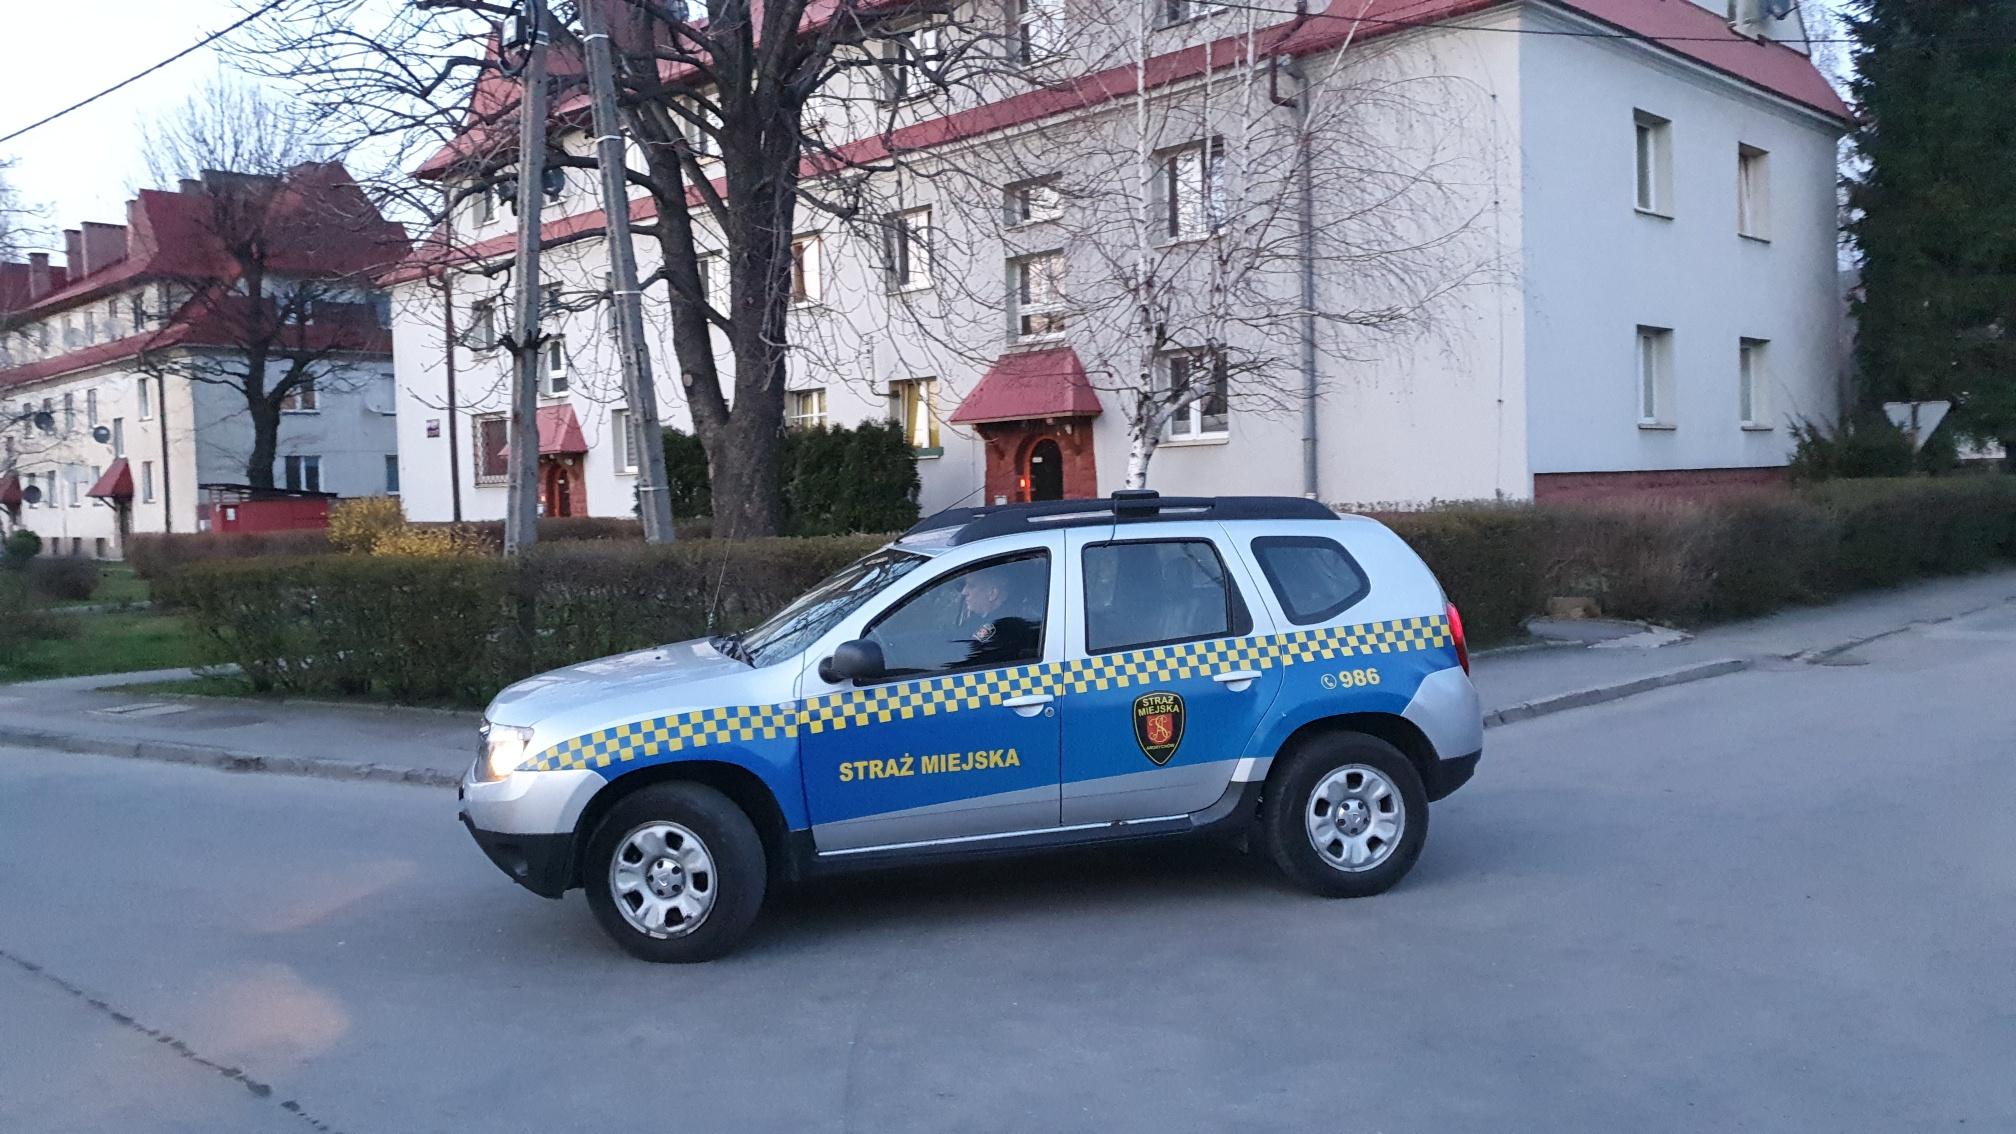 Straż Miejska jeździ po Andrychowie i nadaje komunikaty [VIDEO]